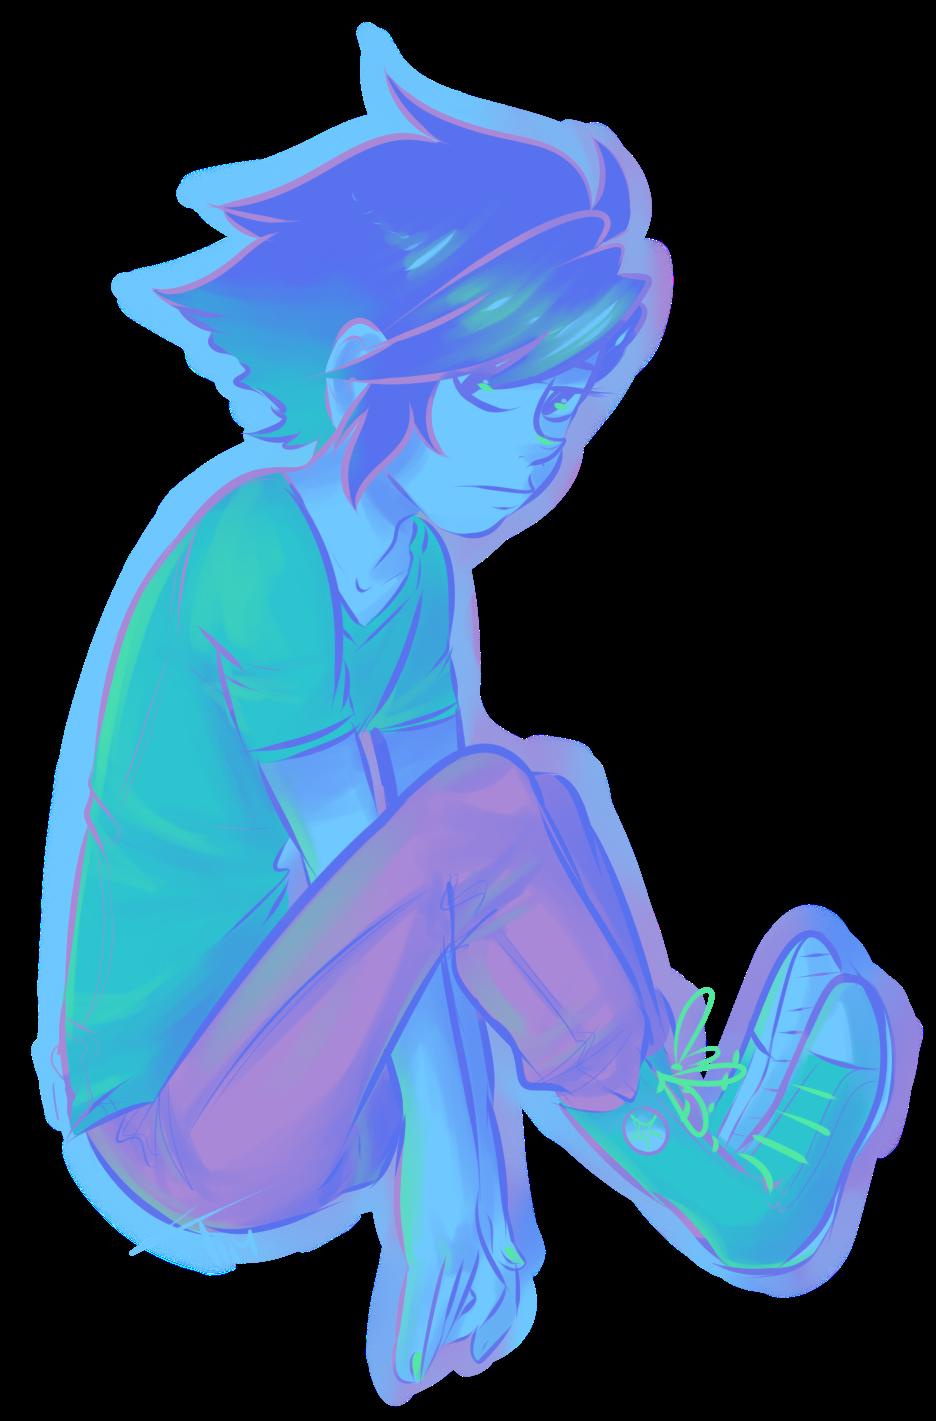 Little Pastel Ghost Boy by BlueStars-BlackIce on DeviantArt